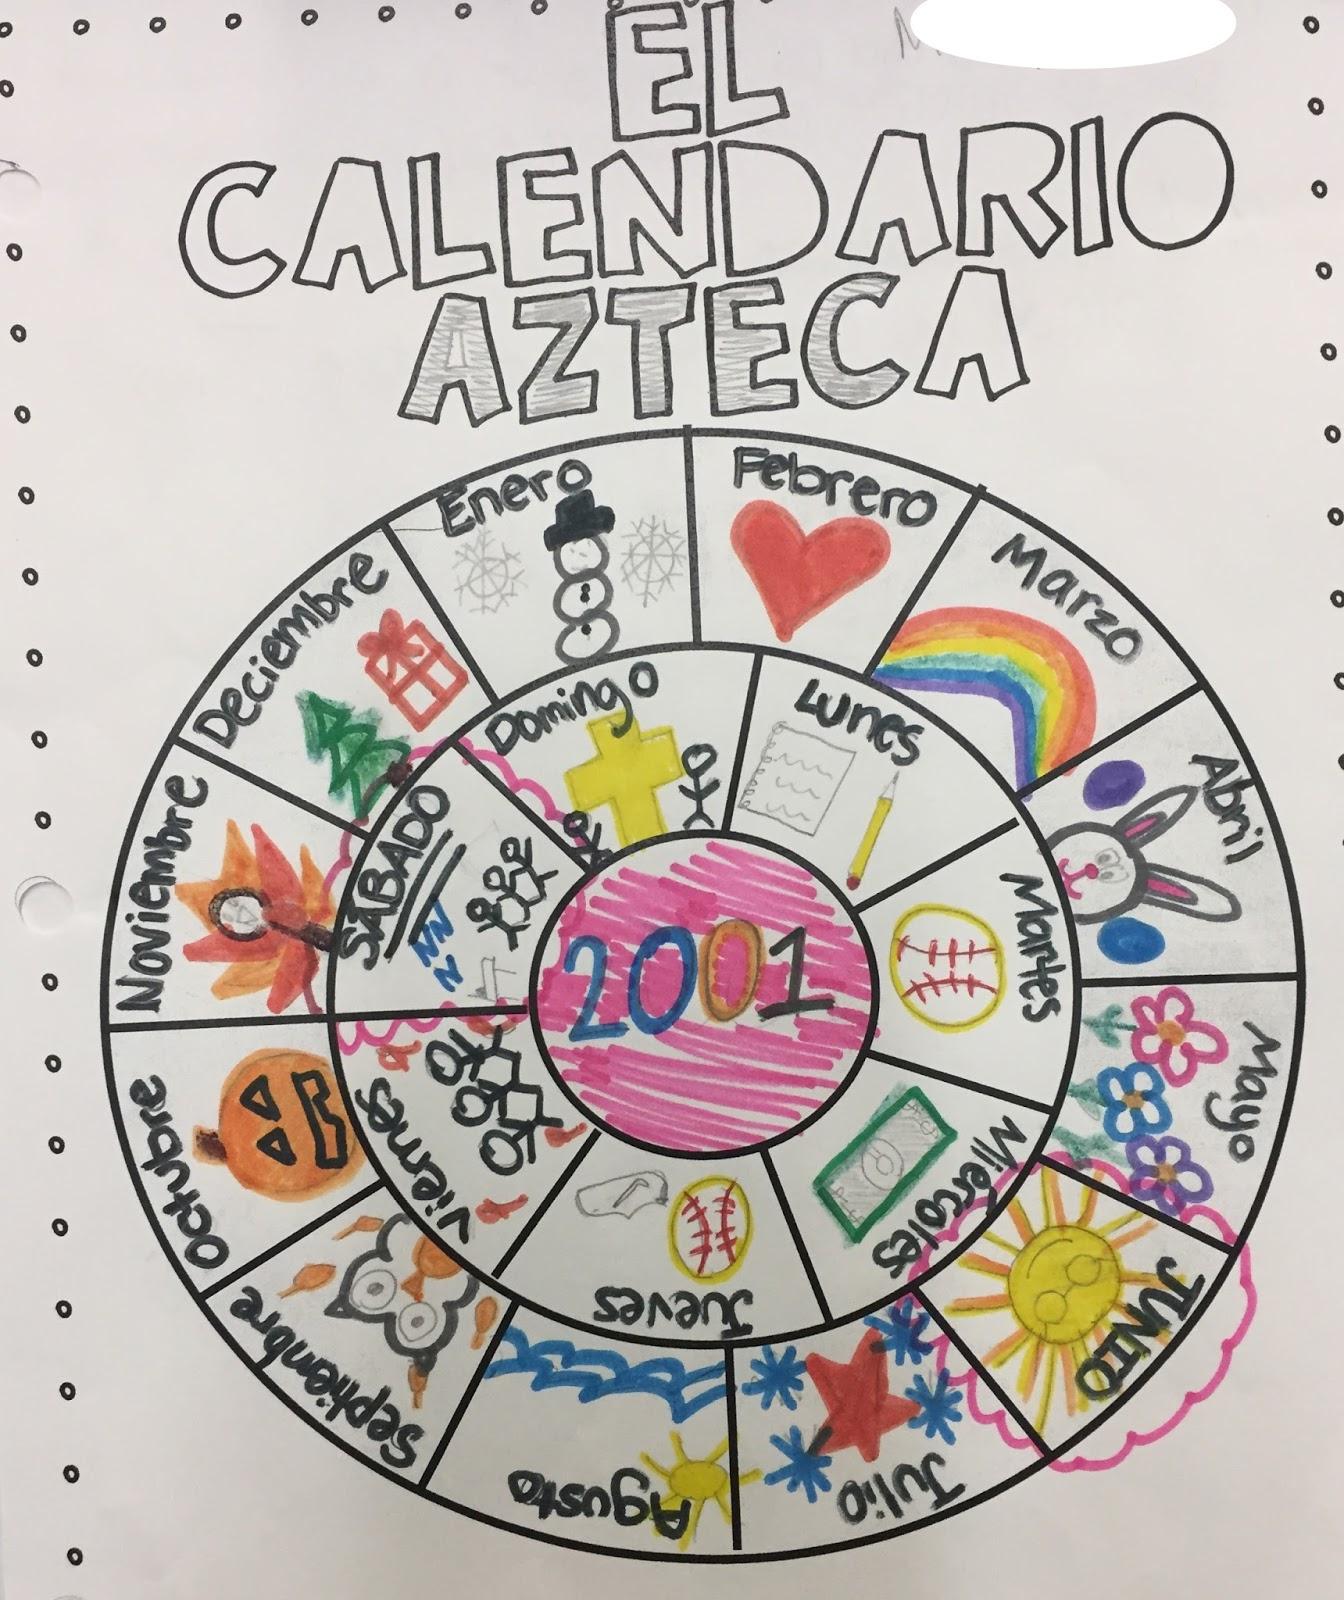 Aztec Calendar Art Lesson : Spanish with señora botero moriarty el calendario azteca